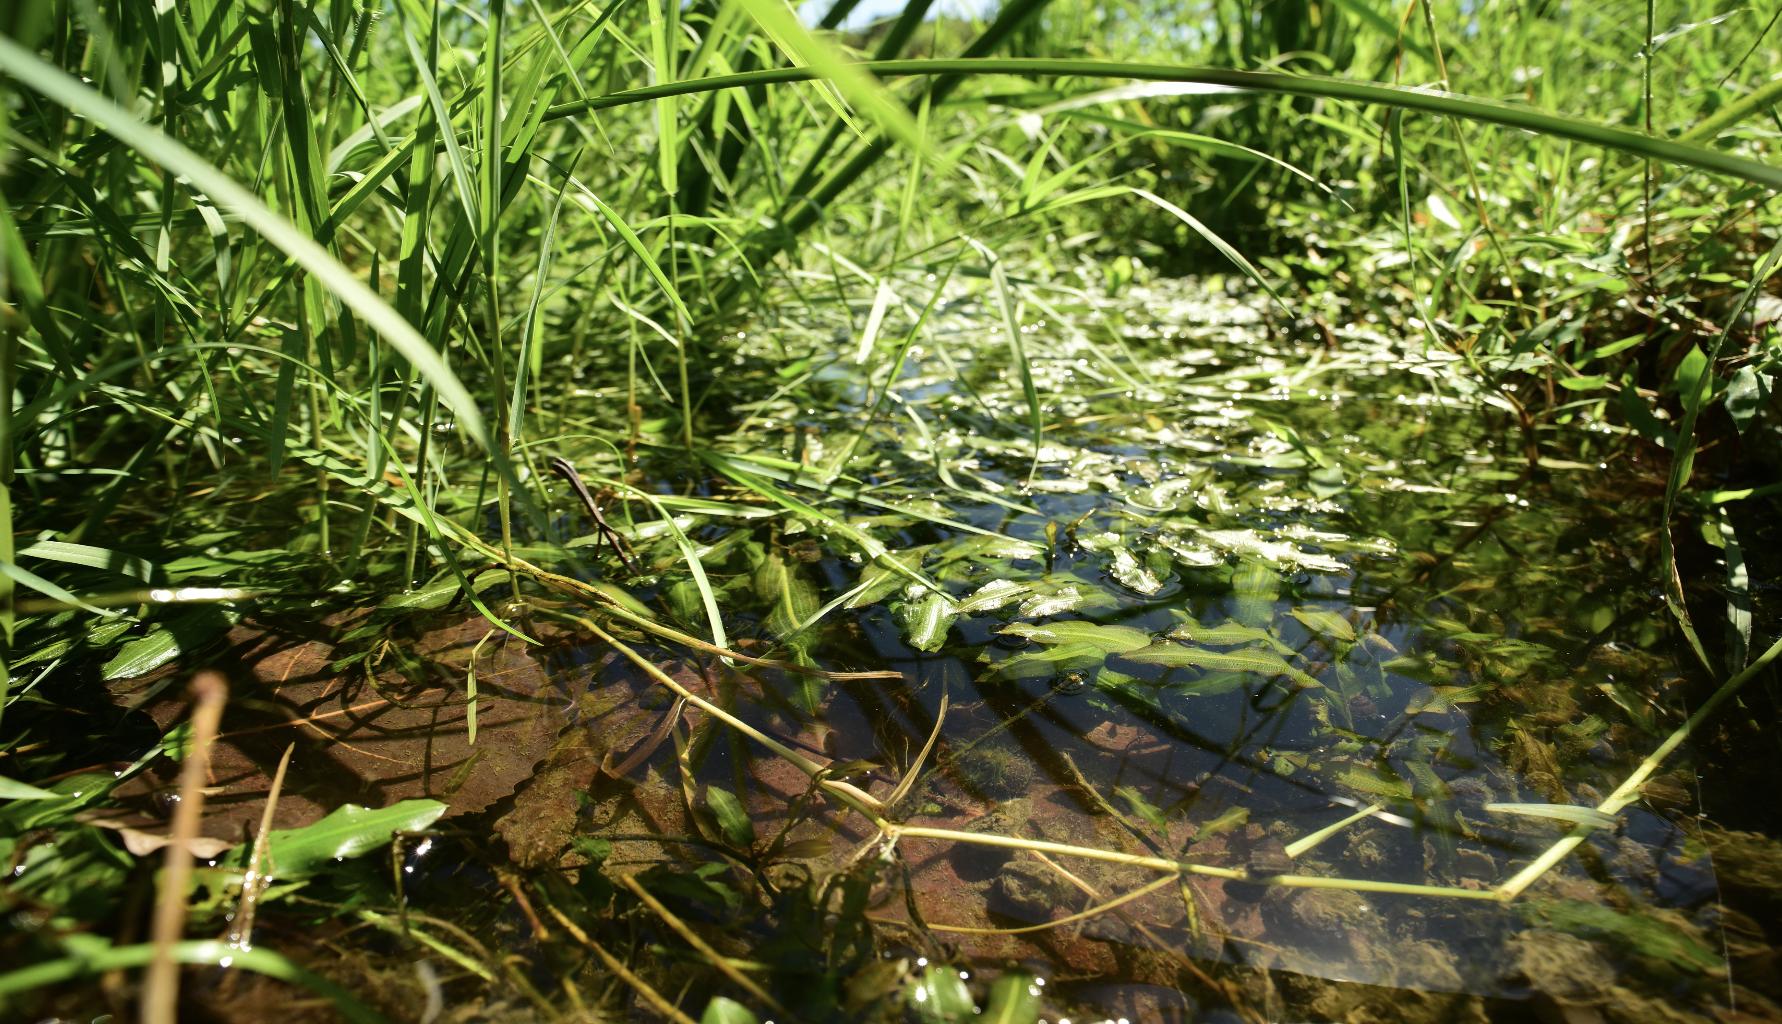 自然流动的小溪。郭陶然 图